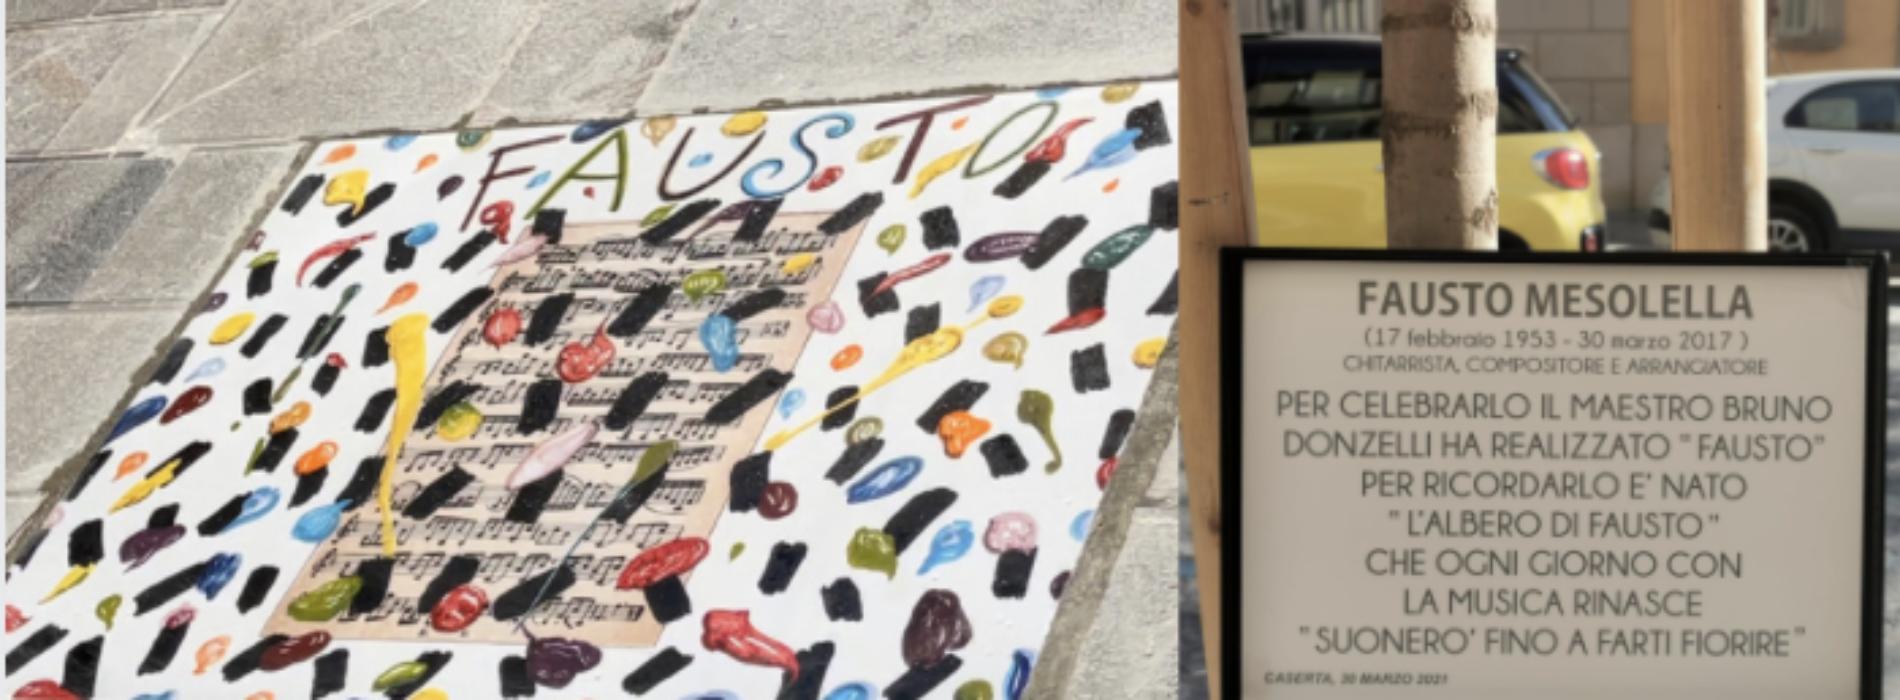 La strada dell'arte, tributo di Bruno Donzelli a Fausto Mesolella